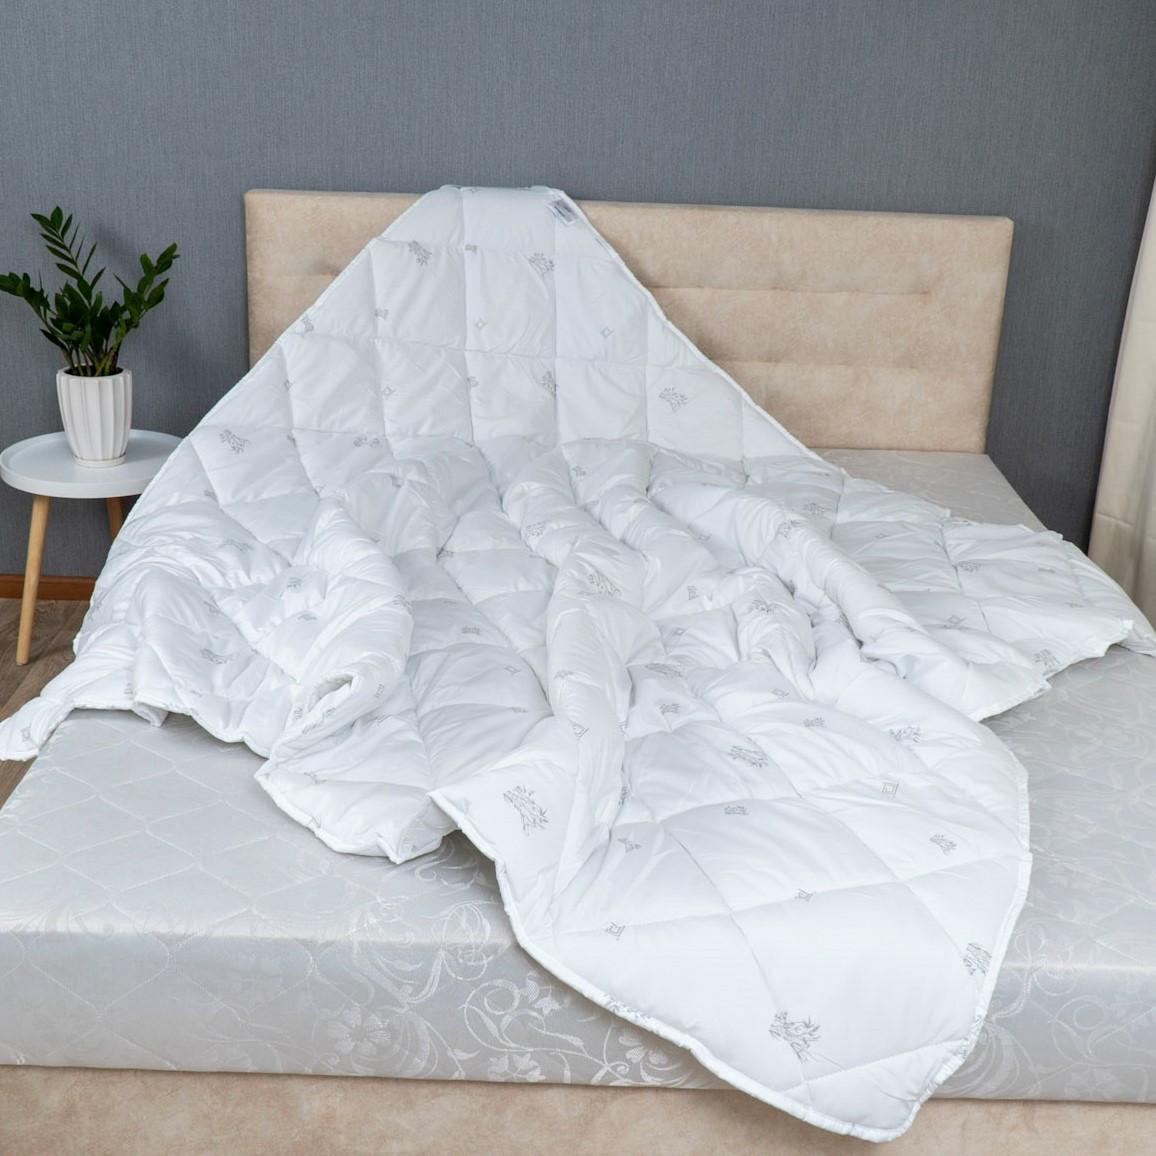 Одеяло ТЕП Природа «Bamboo» membrana print 180х210